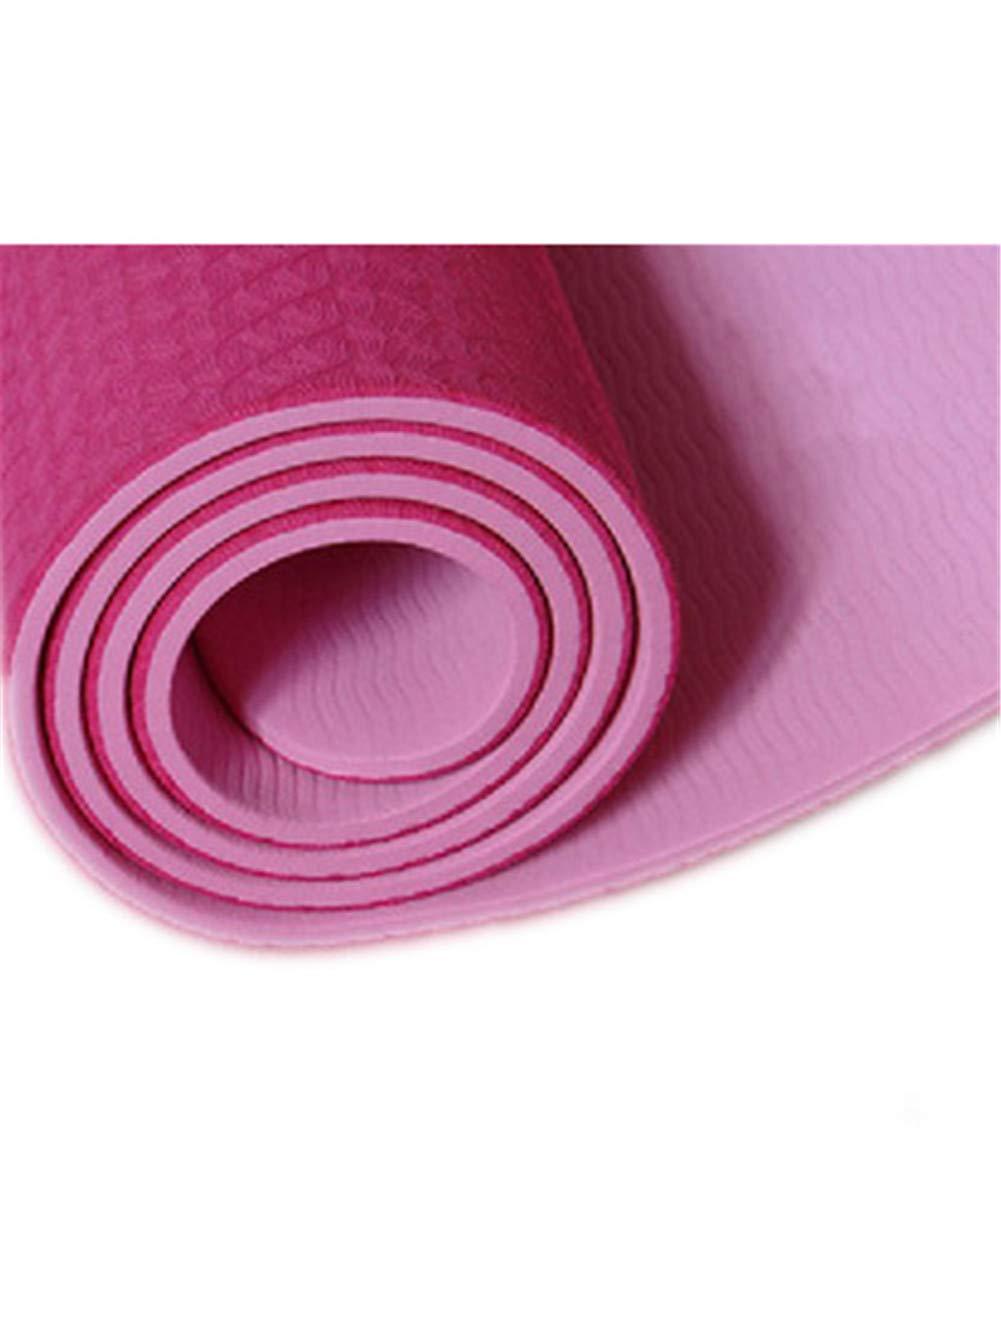 D 8MM APJJ Tapis De Yoga TPE Tapis De Yoga sans Goût Tapis De Fitness AllongeHommest De L'épaississeHommest